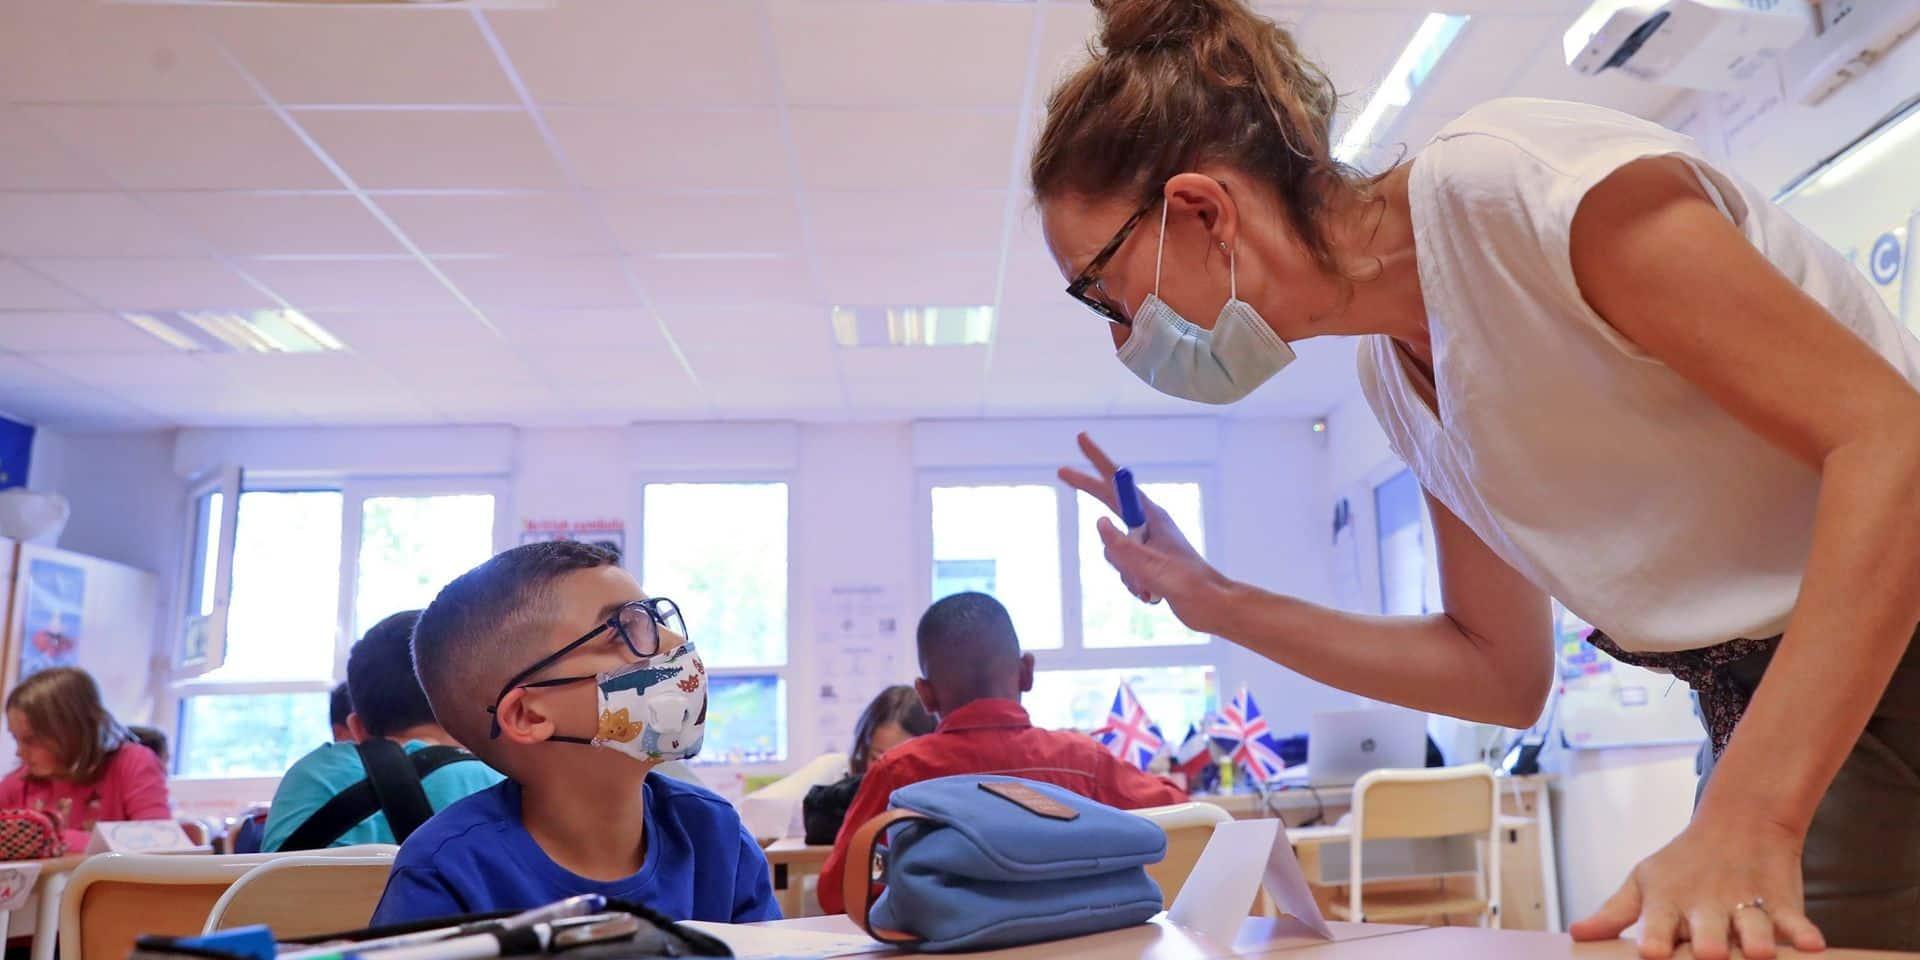 Coronavirus: la Flandre utilisera des tests rapides pour les élèves et enseignants à certaines conditions